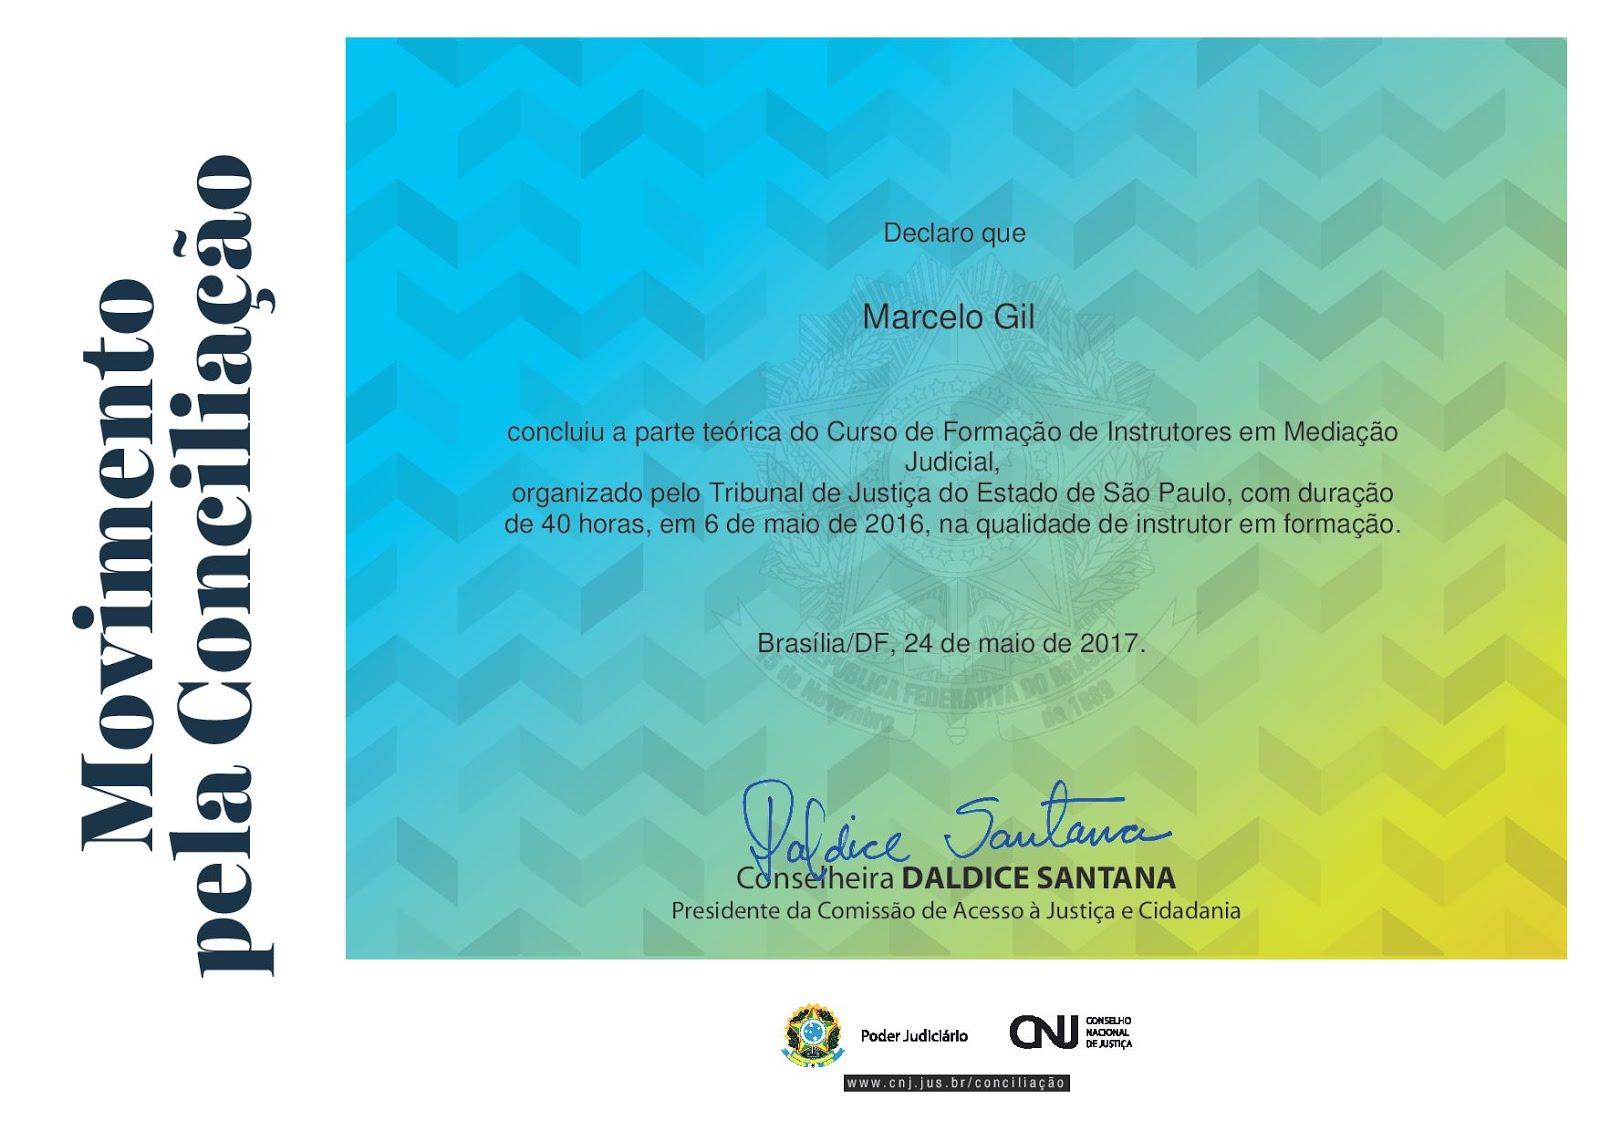 CERTIFICADO DE PARTICIPAÇÃO NO CURSO DE FORMAÇÃO DE INSTRUTORES DE MEDIAÇÃO JUDICIAL DO CNJ / 2017